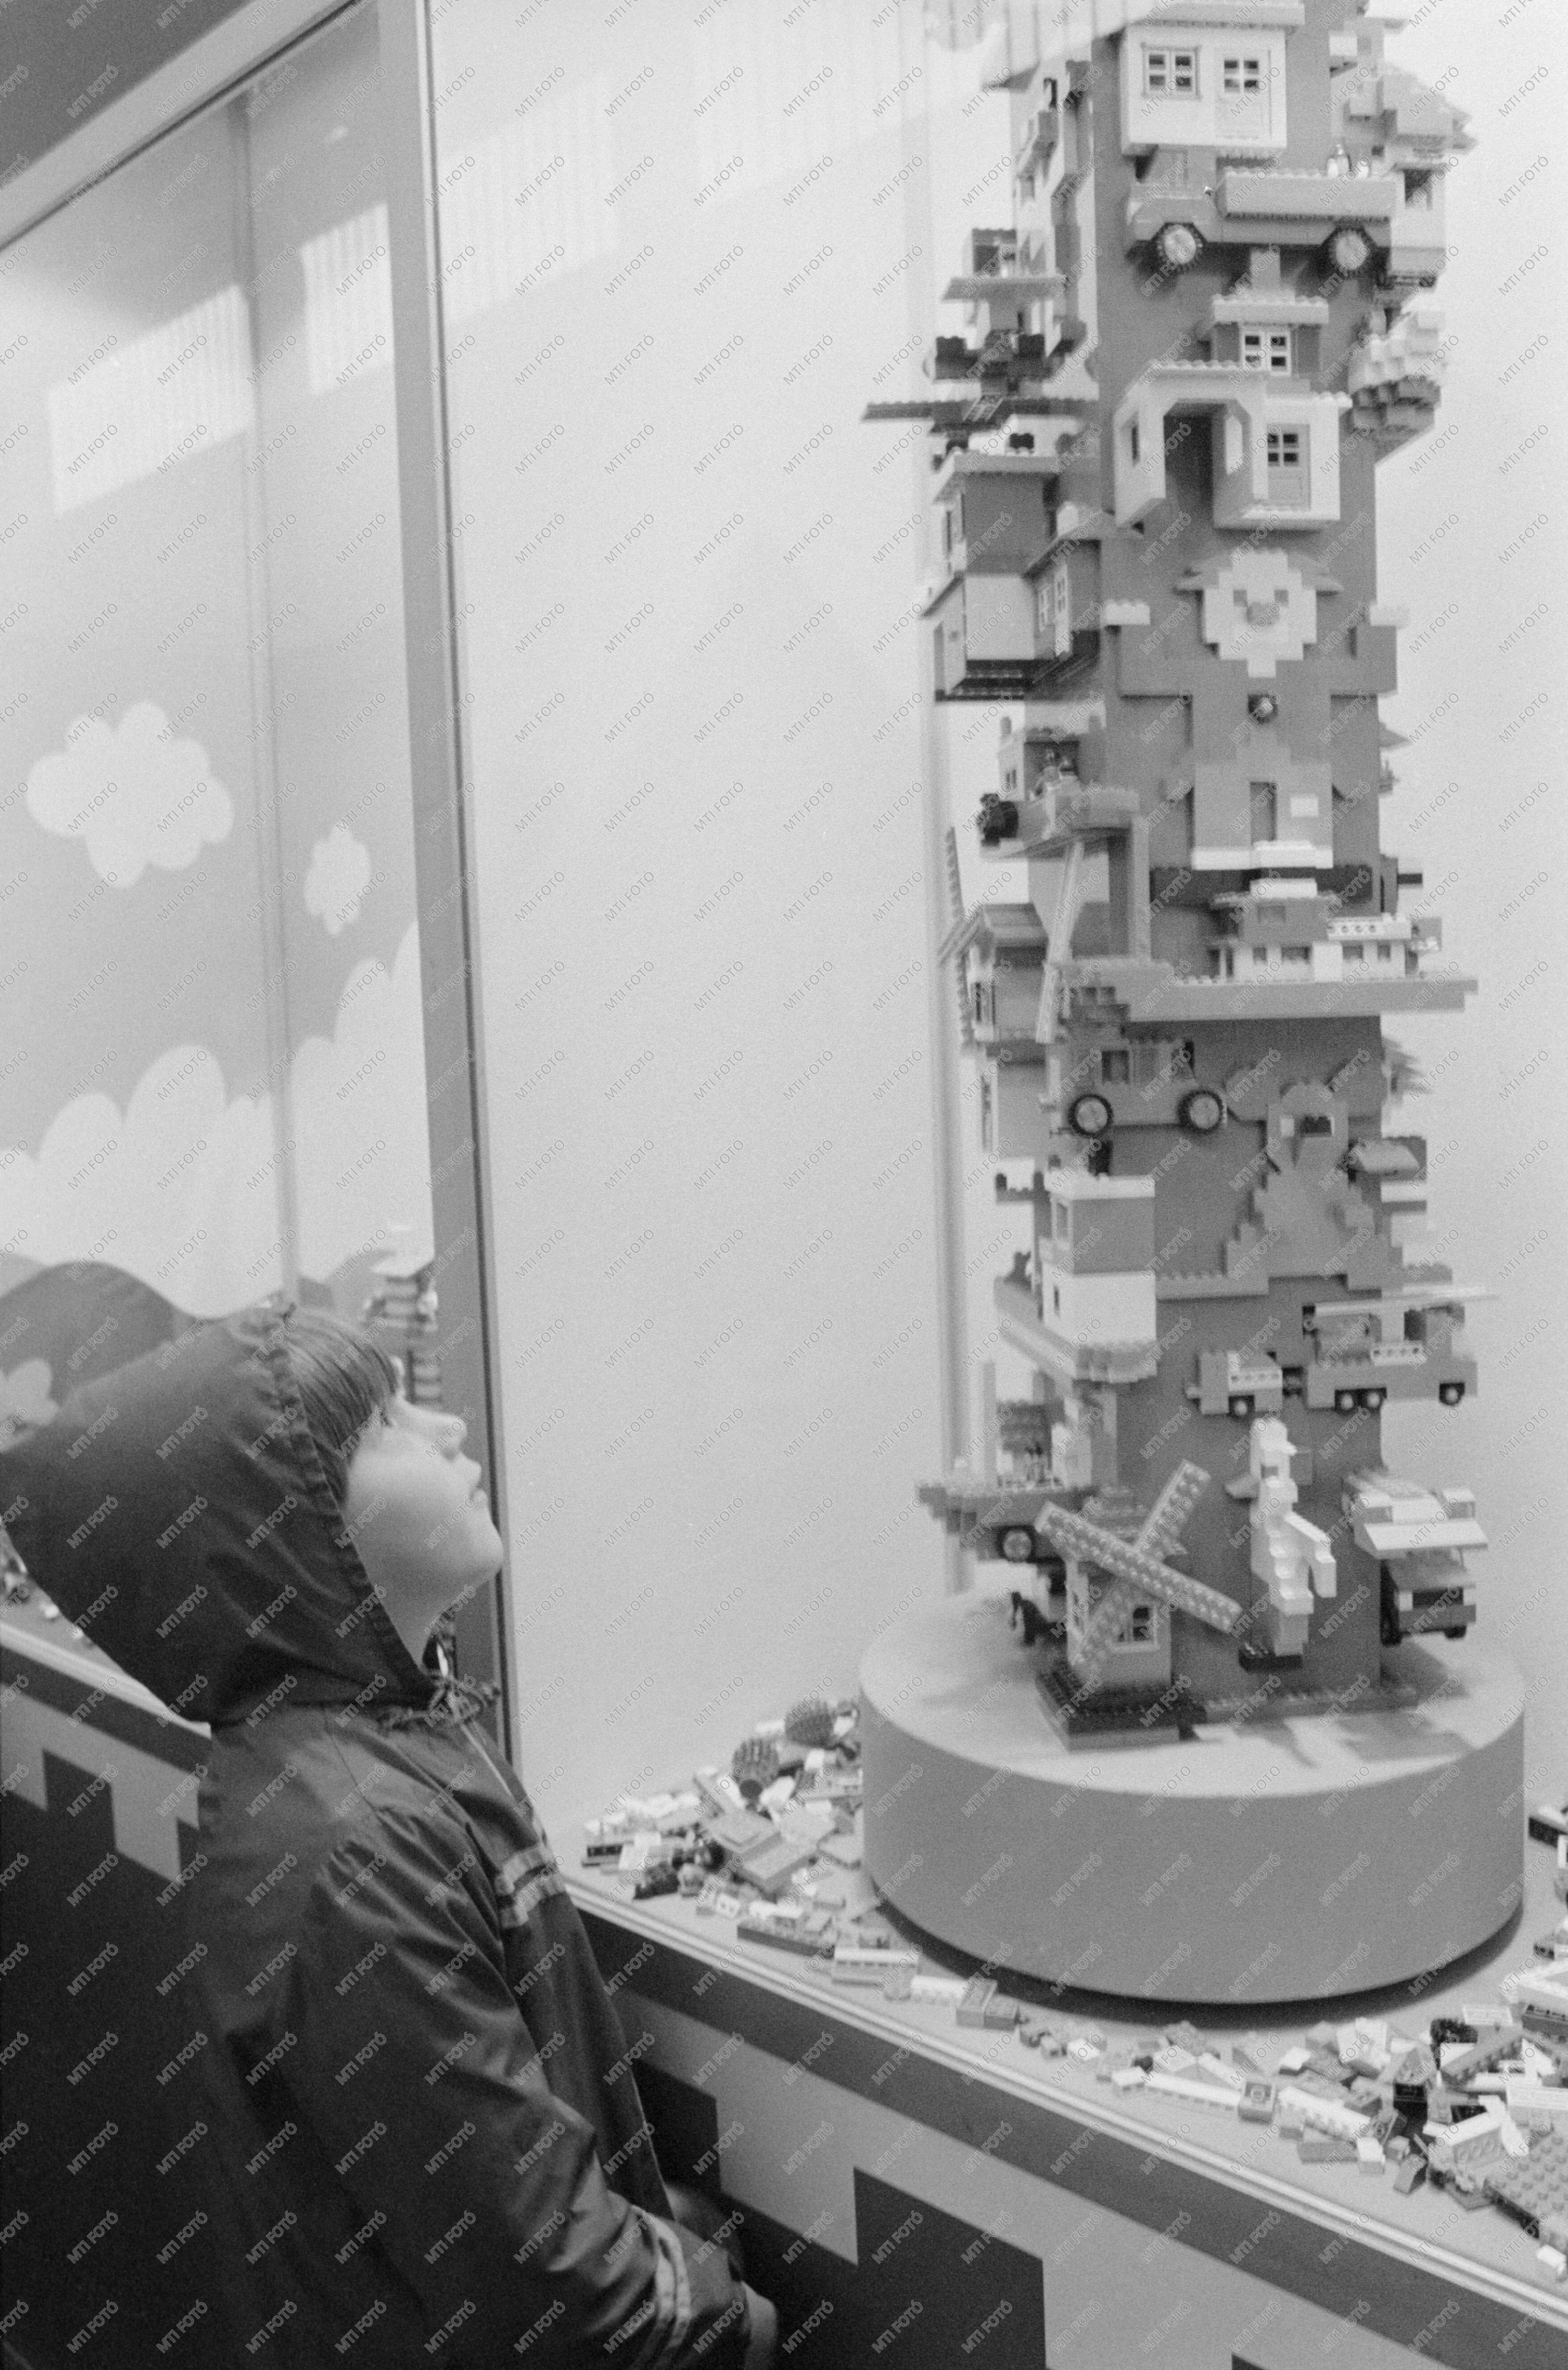 budapest_1983_szeptember_18_kisfiu_nezi_a_lego-jatekokat_a_budapesti_nemzetkozi_vasarral_parhuzamosan_megrendezett_interplay_expo_nemzetkozi_jatekkiallitason.jpg